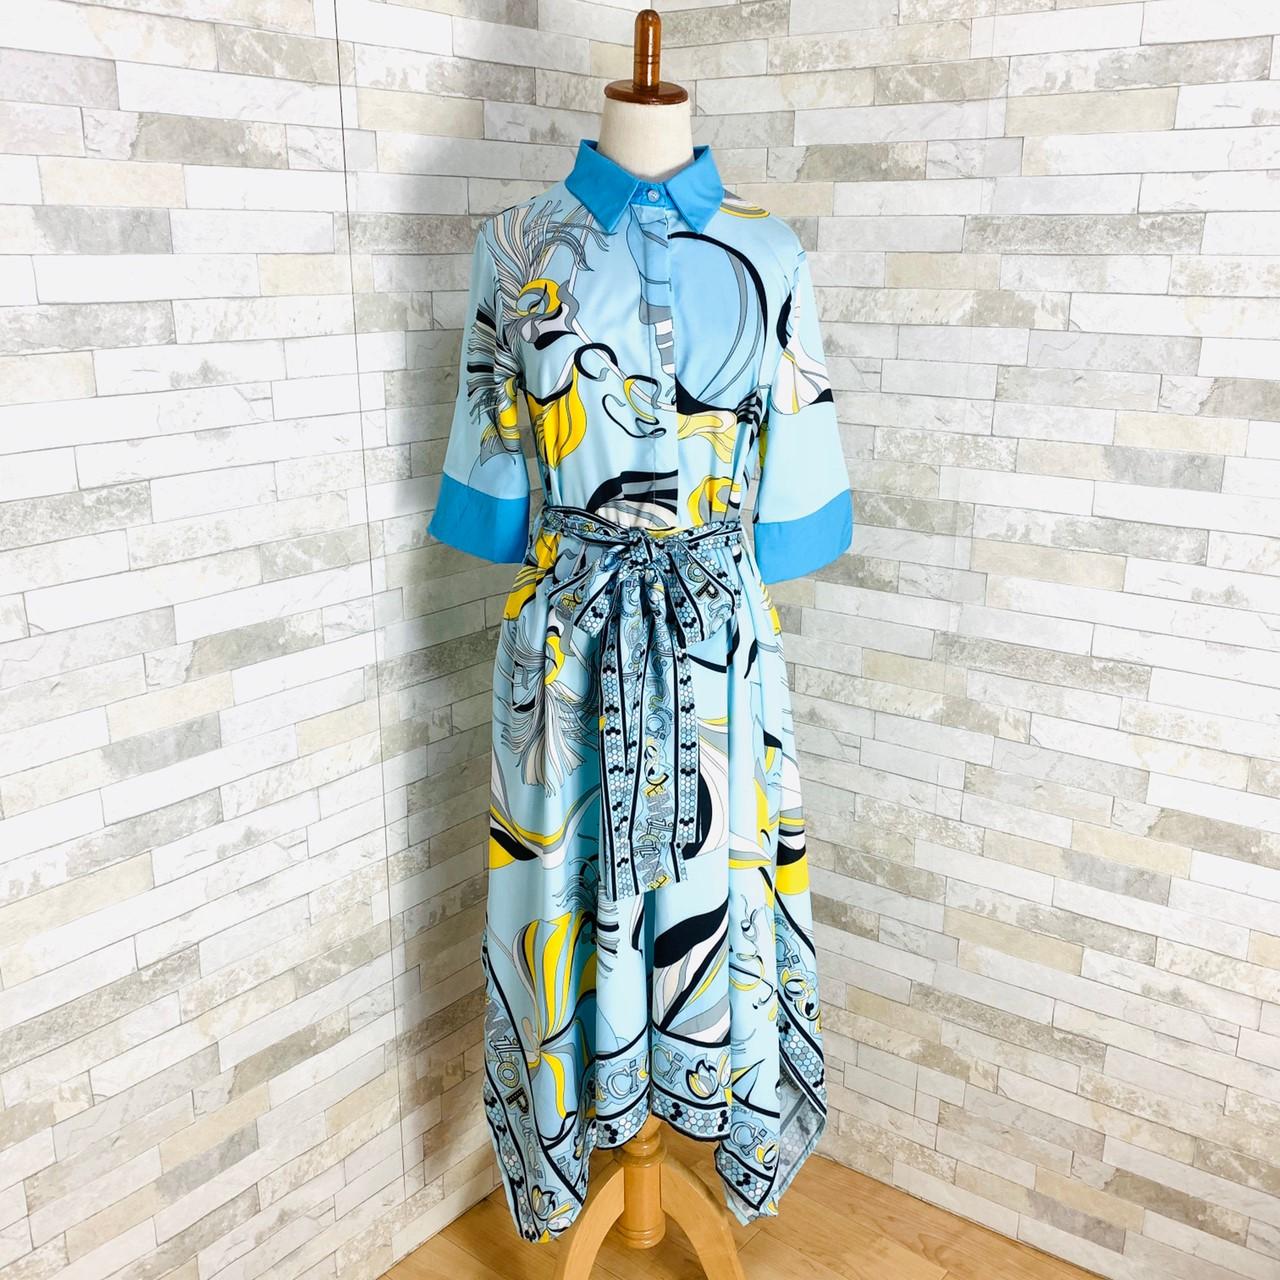 【即納】韓国 ファッション ワンピース パーティードレス ひざ丈 ミディアム 夏 春 パーティー ブライダル SPTXF023 結婚式 お呼ばれ リゾートワンピース ハワイ  二次会 セレブ きれいめの写真11枚目